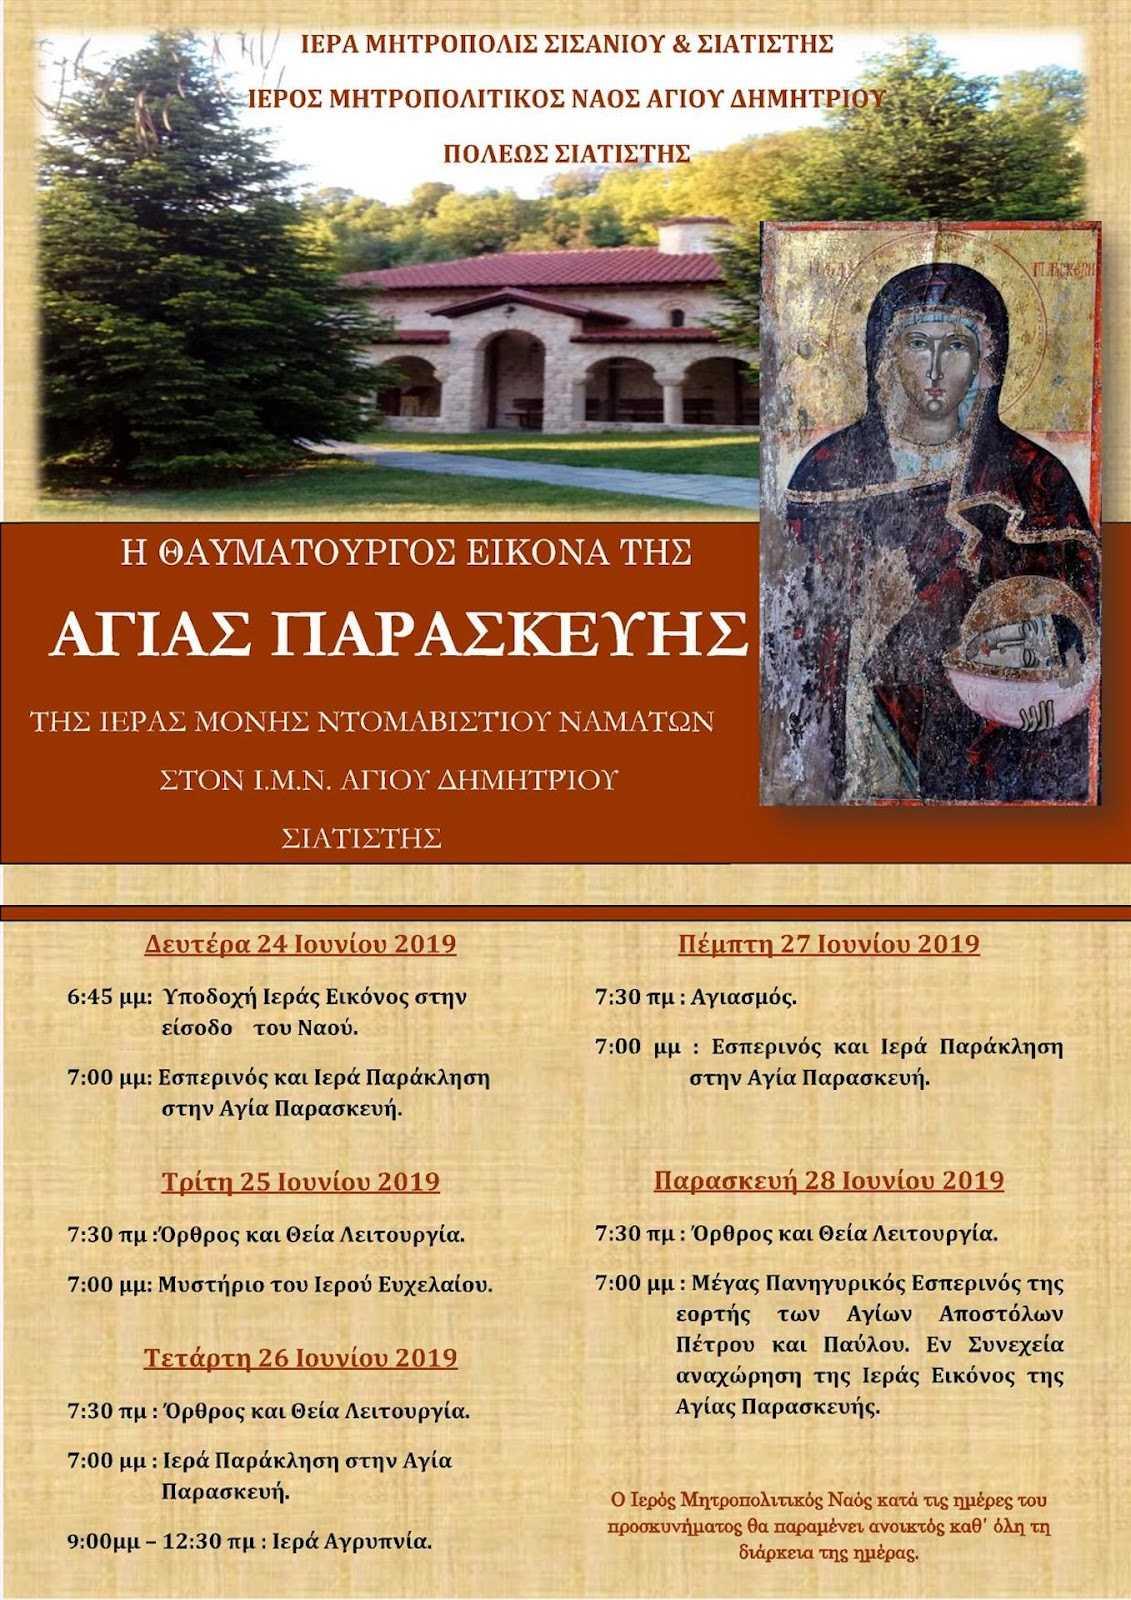 Από 24 έως 28 Ιουνίου θα φιλοξενηθεί η θαυματουργή εικόνα της Αγίας Παρασκευής Ντομαβιστίου στον Ι.Ν. Αγίου Δημητρίου Σιάτιστας